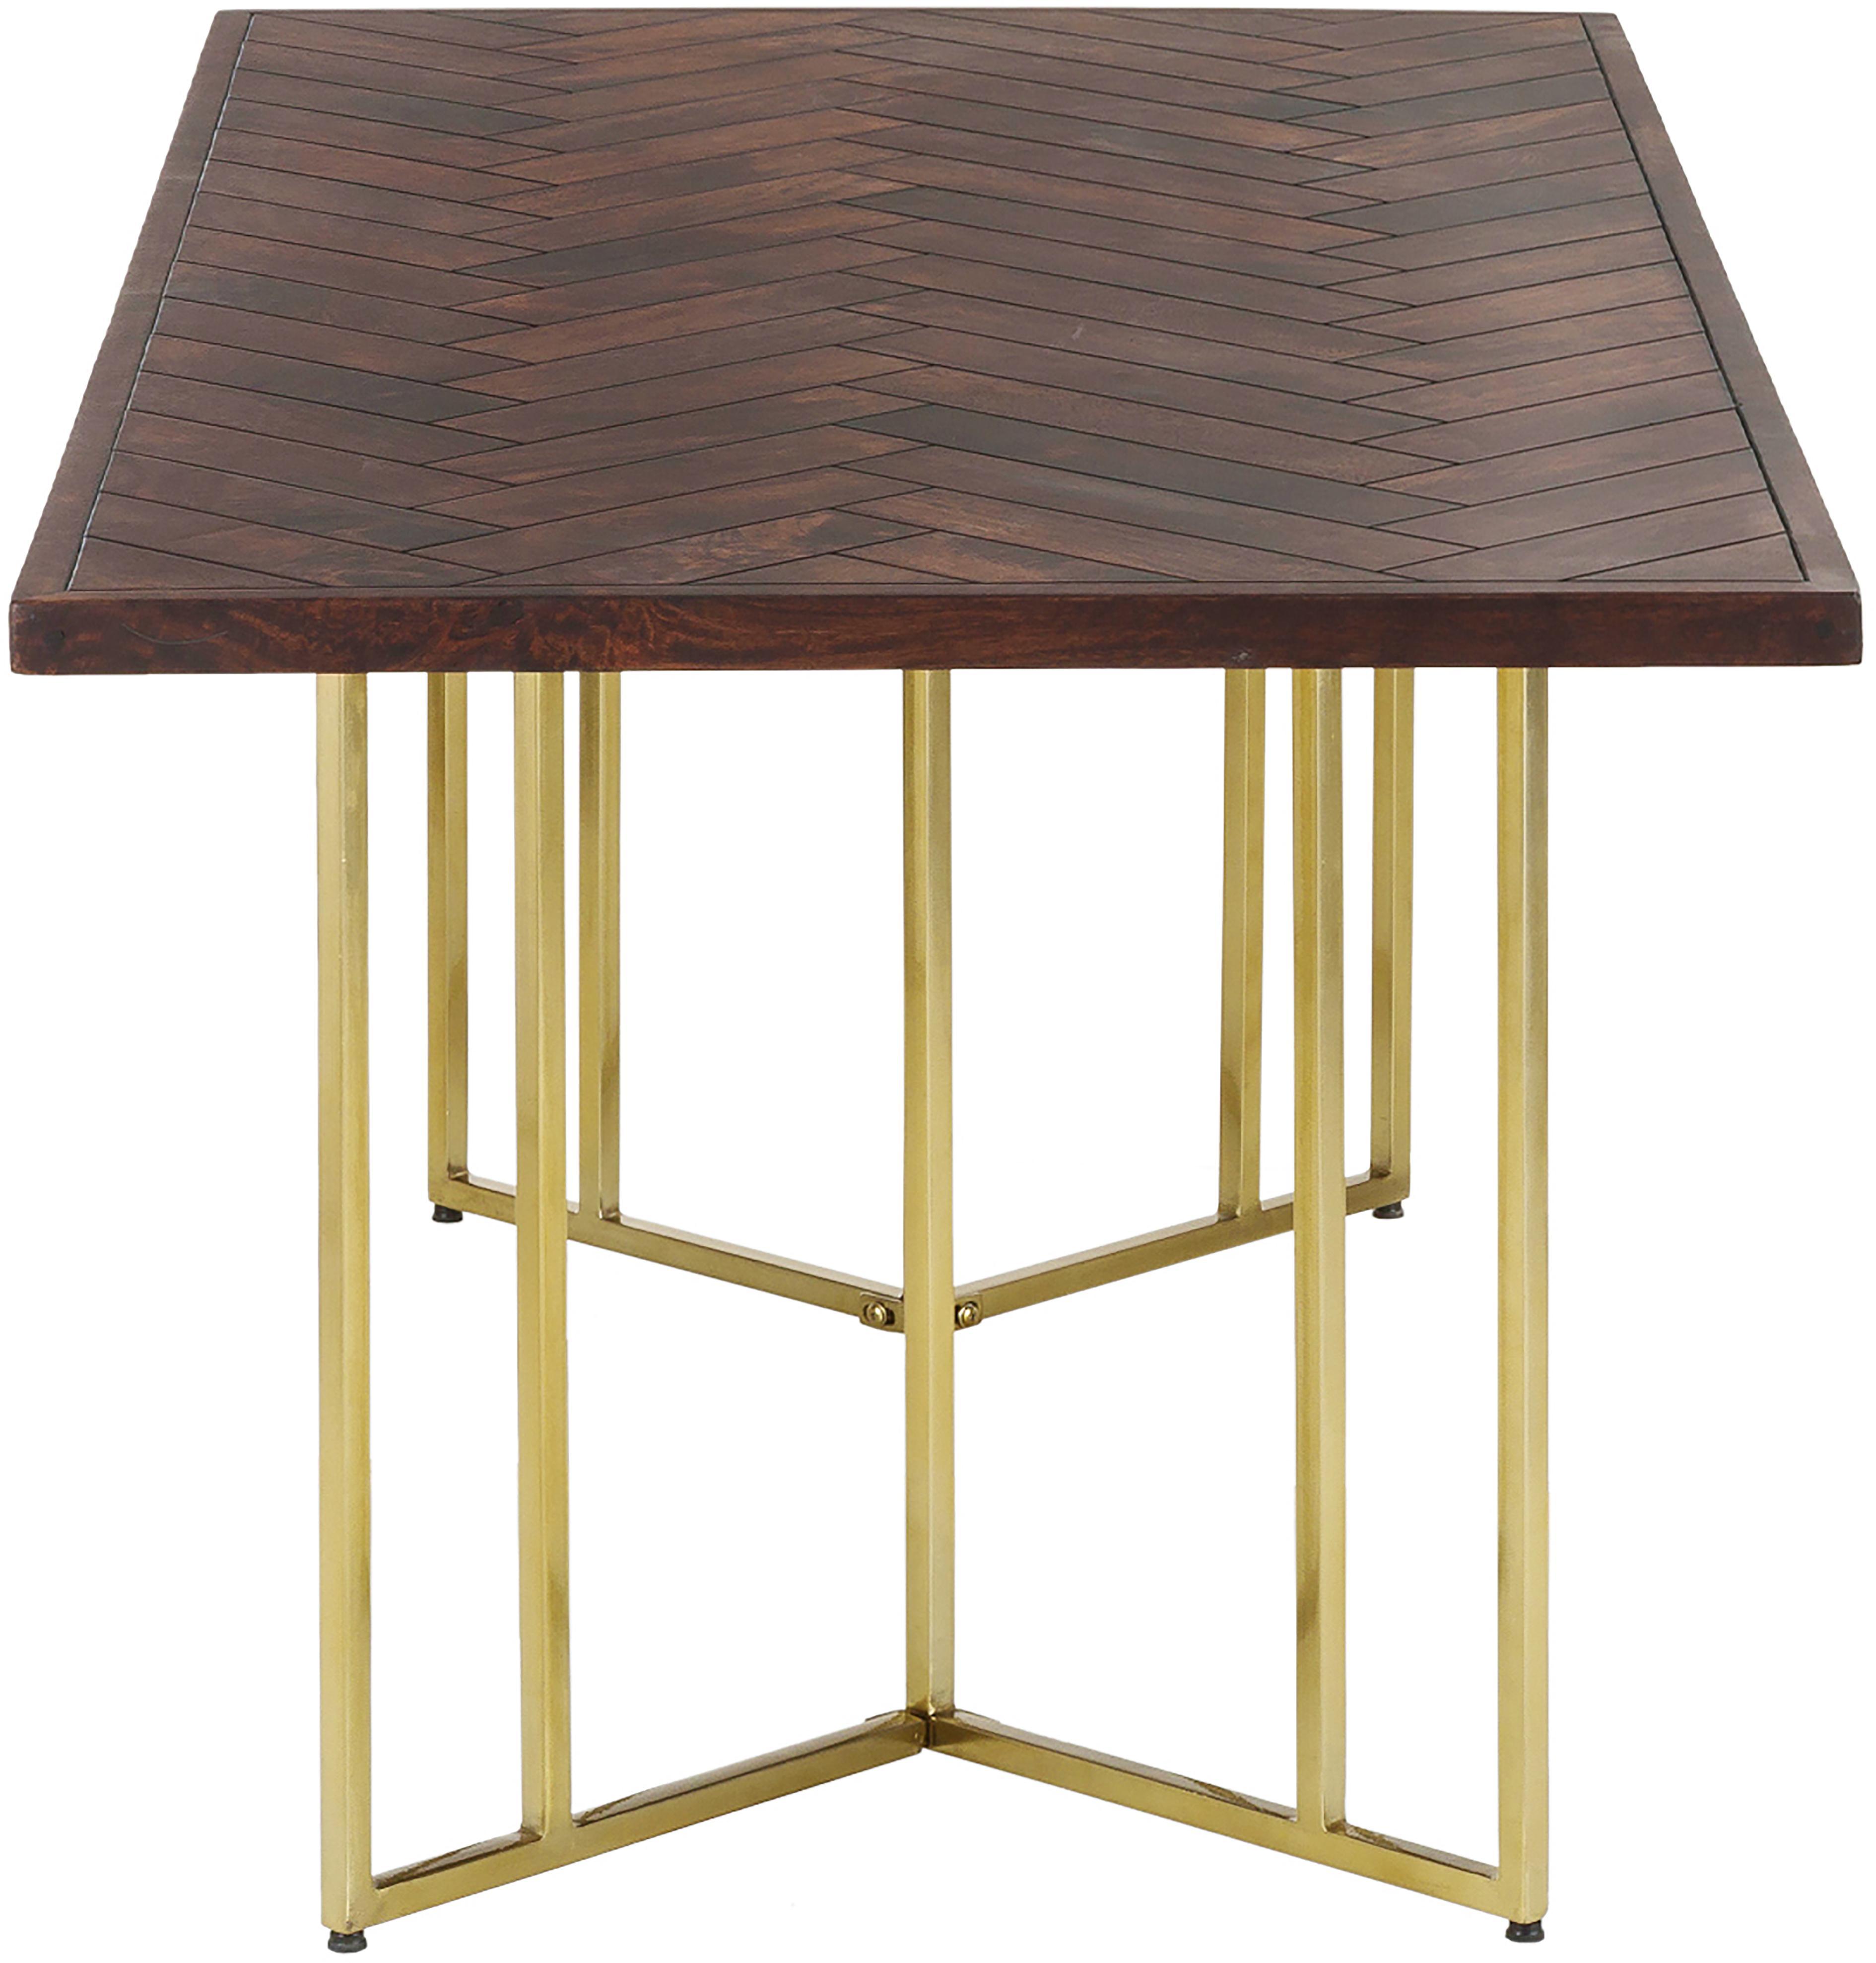 Table bois massif style art déco Luca, Plateau: bois de manguier, laqué foncé Structure: couleur dorée